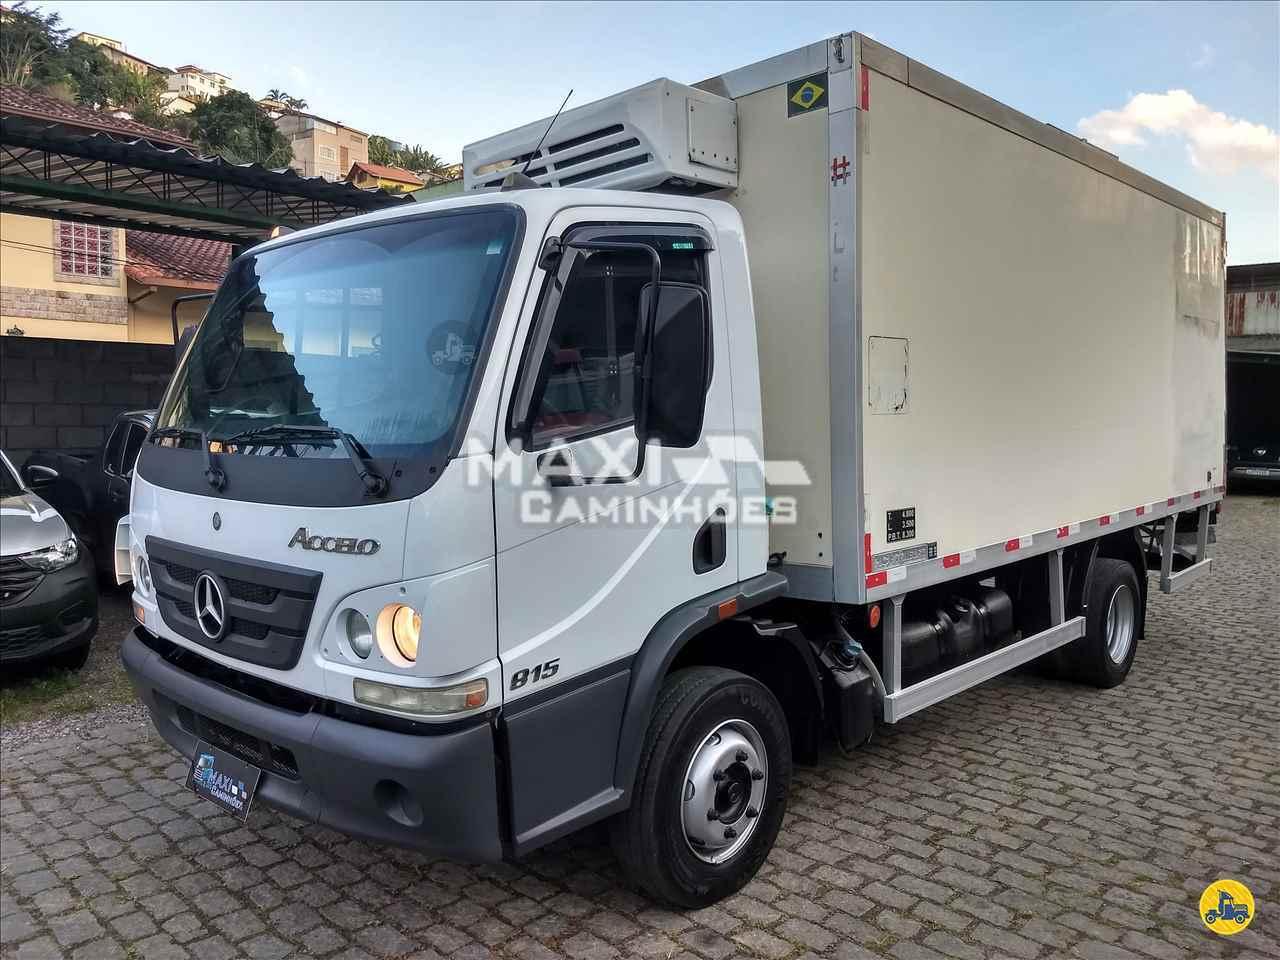 MB 815 de Maxi Caminhões - TERESOPOLIS/RJ